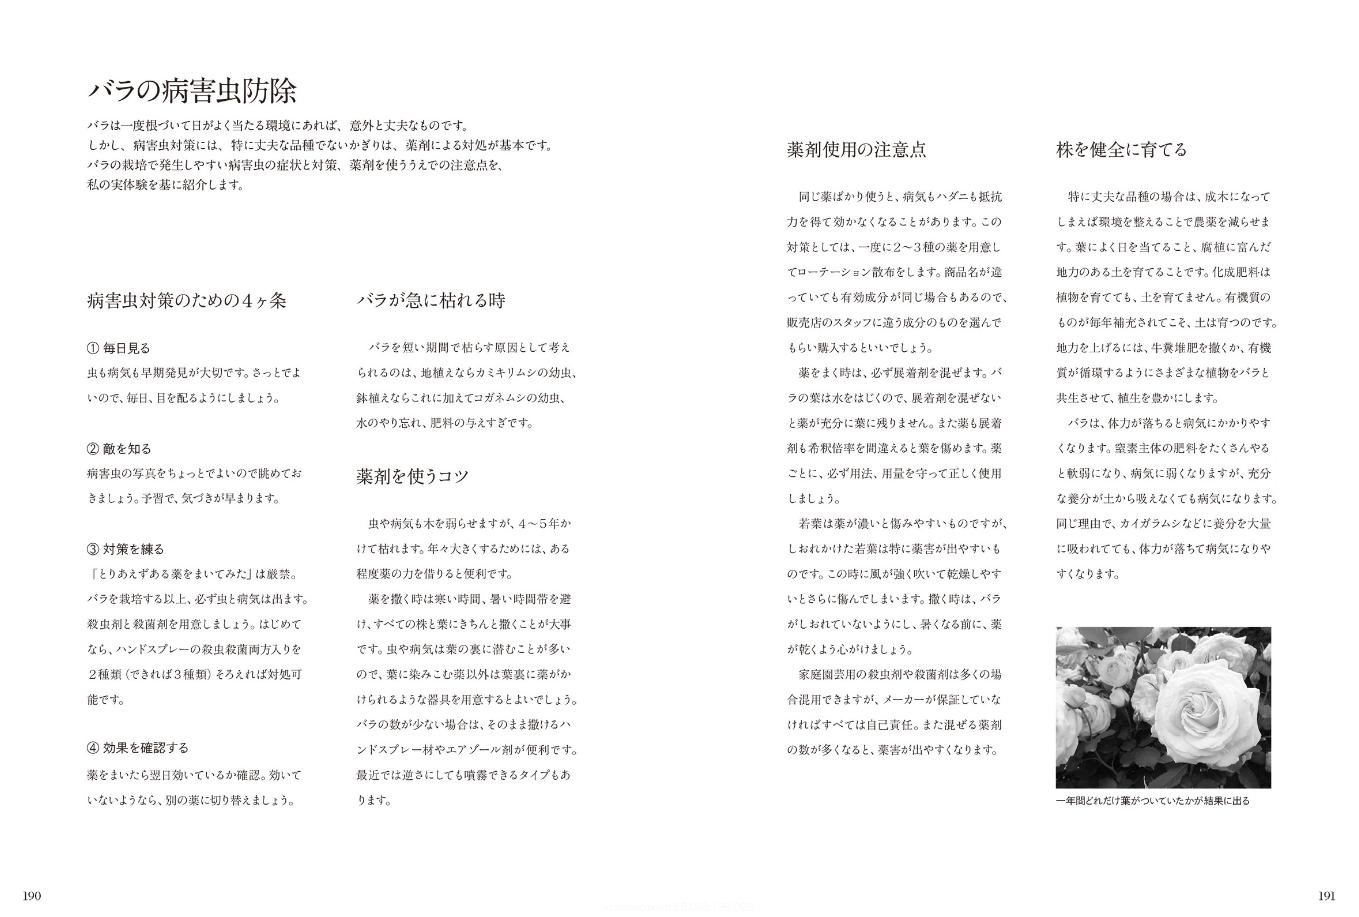 【送料無料】『ガーデンライフシリーズ モダンローズ』[書籍] - 画像5